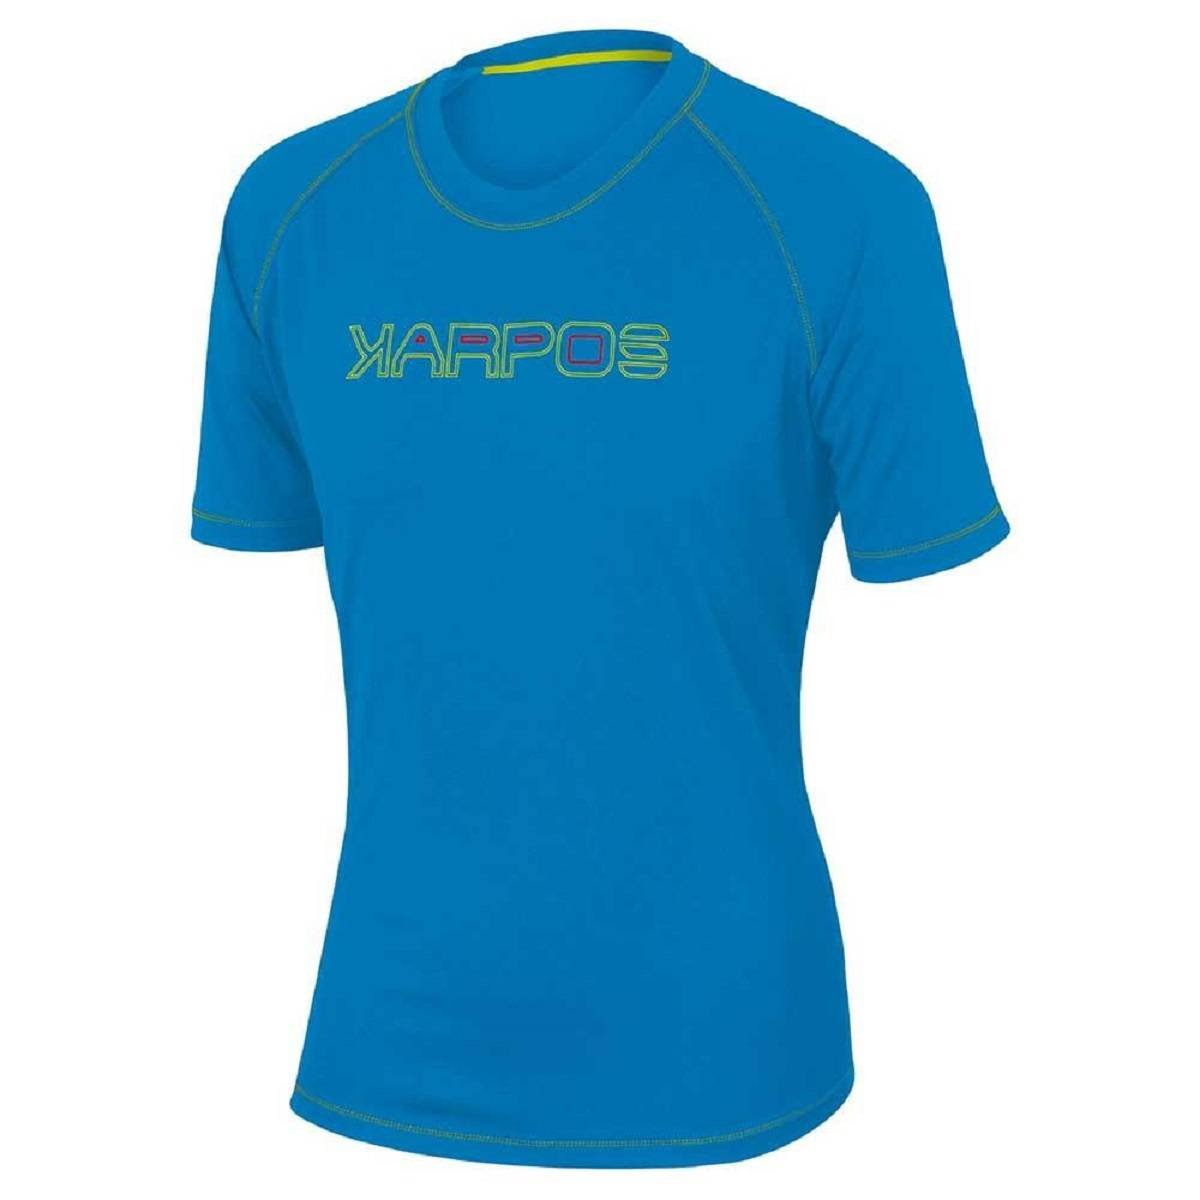 Karpos Futura Jersey Shirt - Dresden Blau